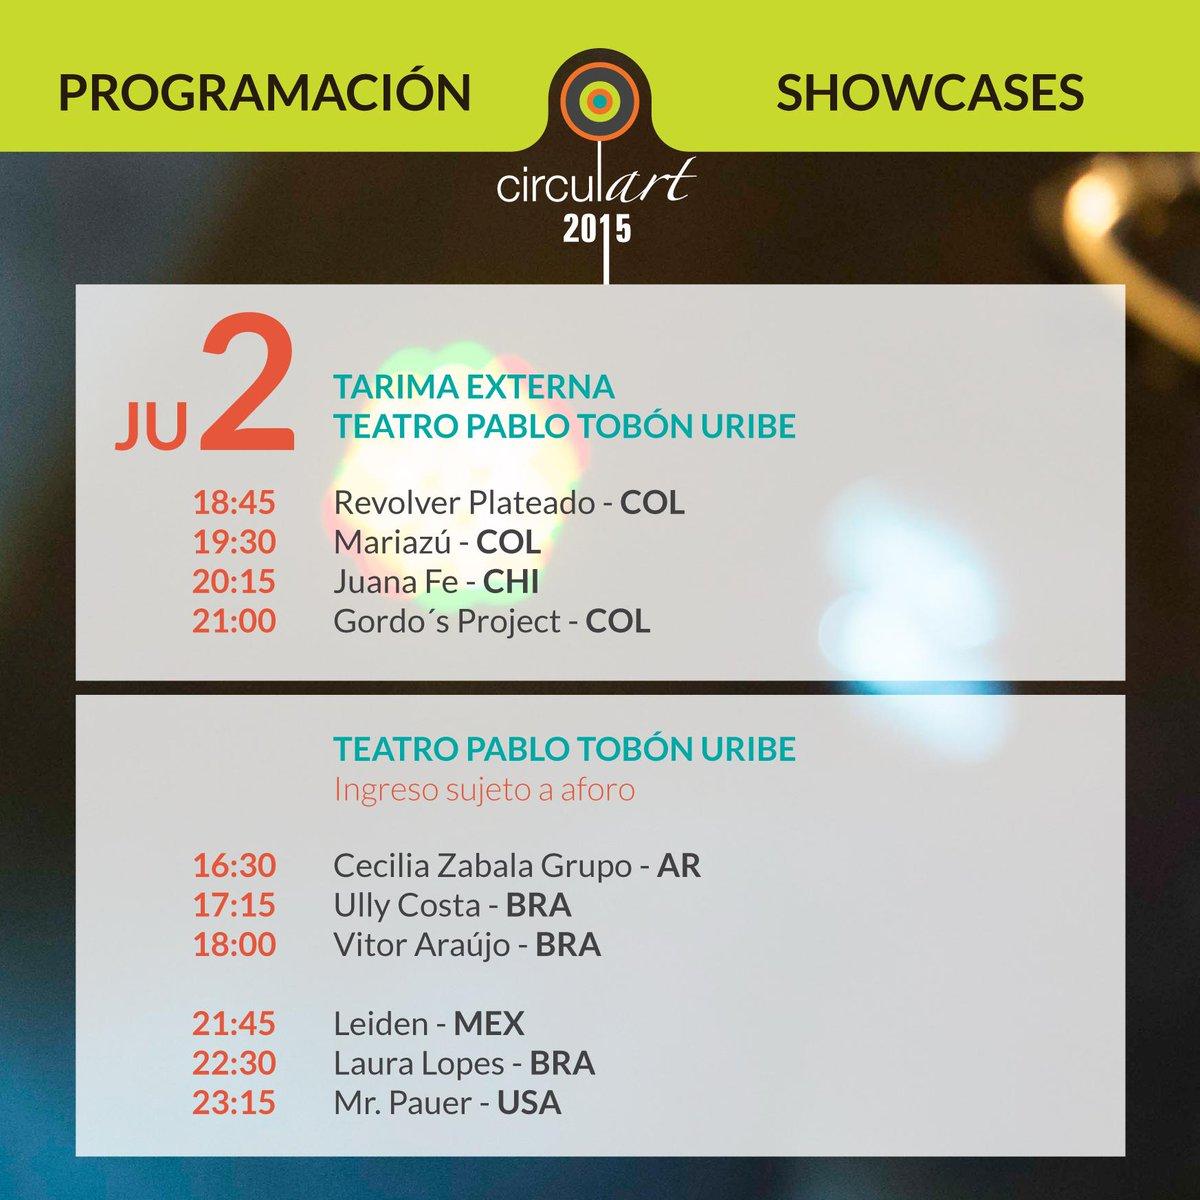 Y esta es la programación de showcases para hoy, 2 de julio. ¡Nos vemos en #Circulart2015! http://t.co/vgpIaT0NHW